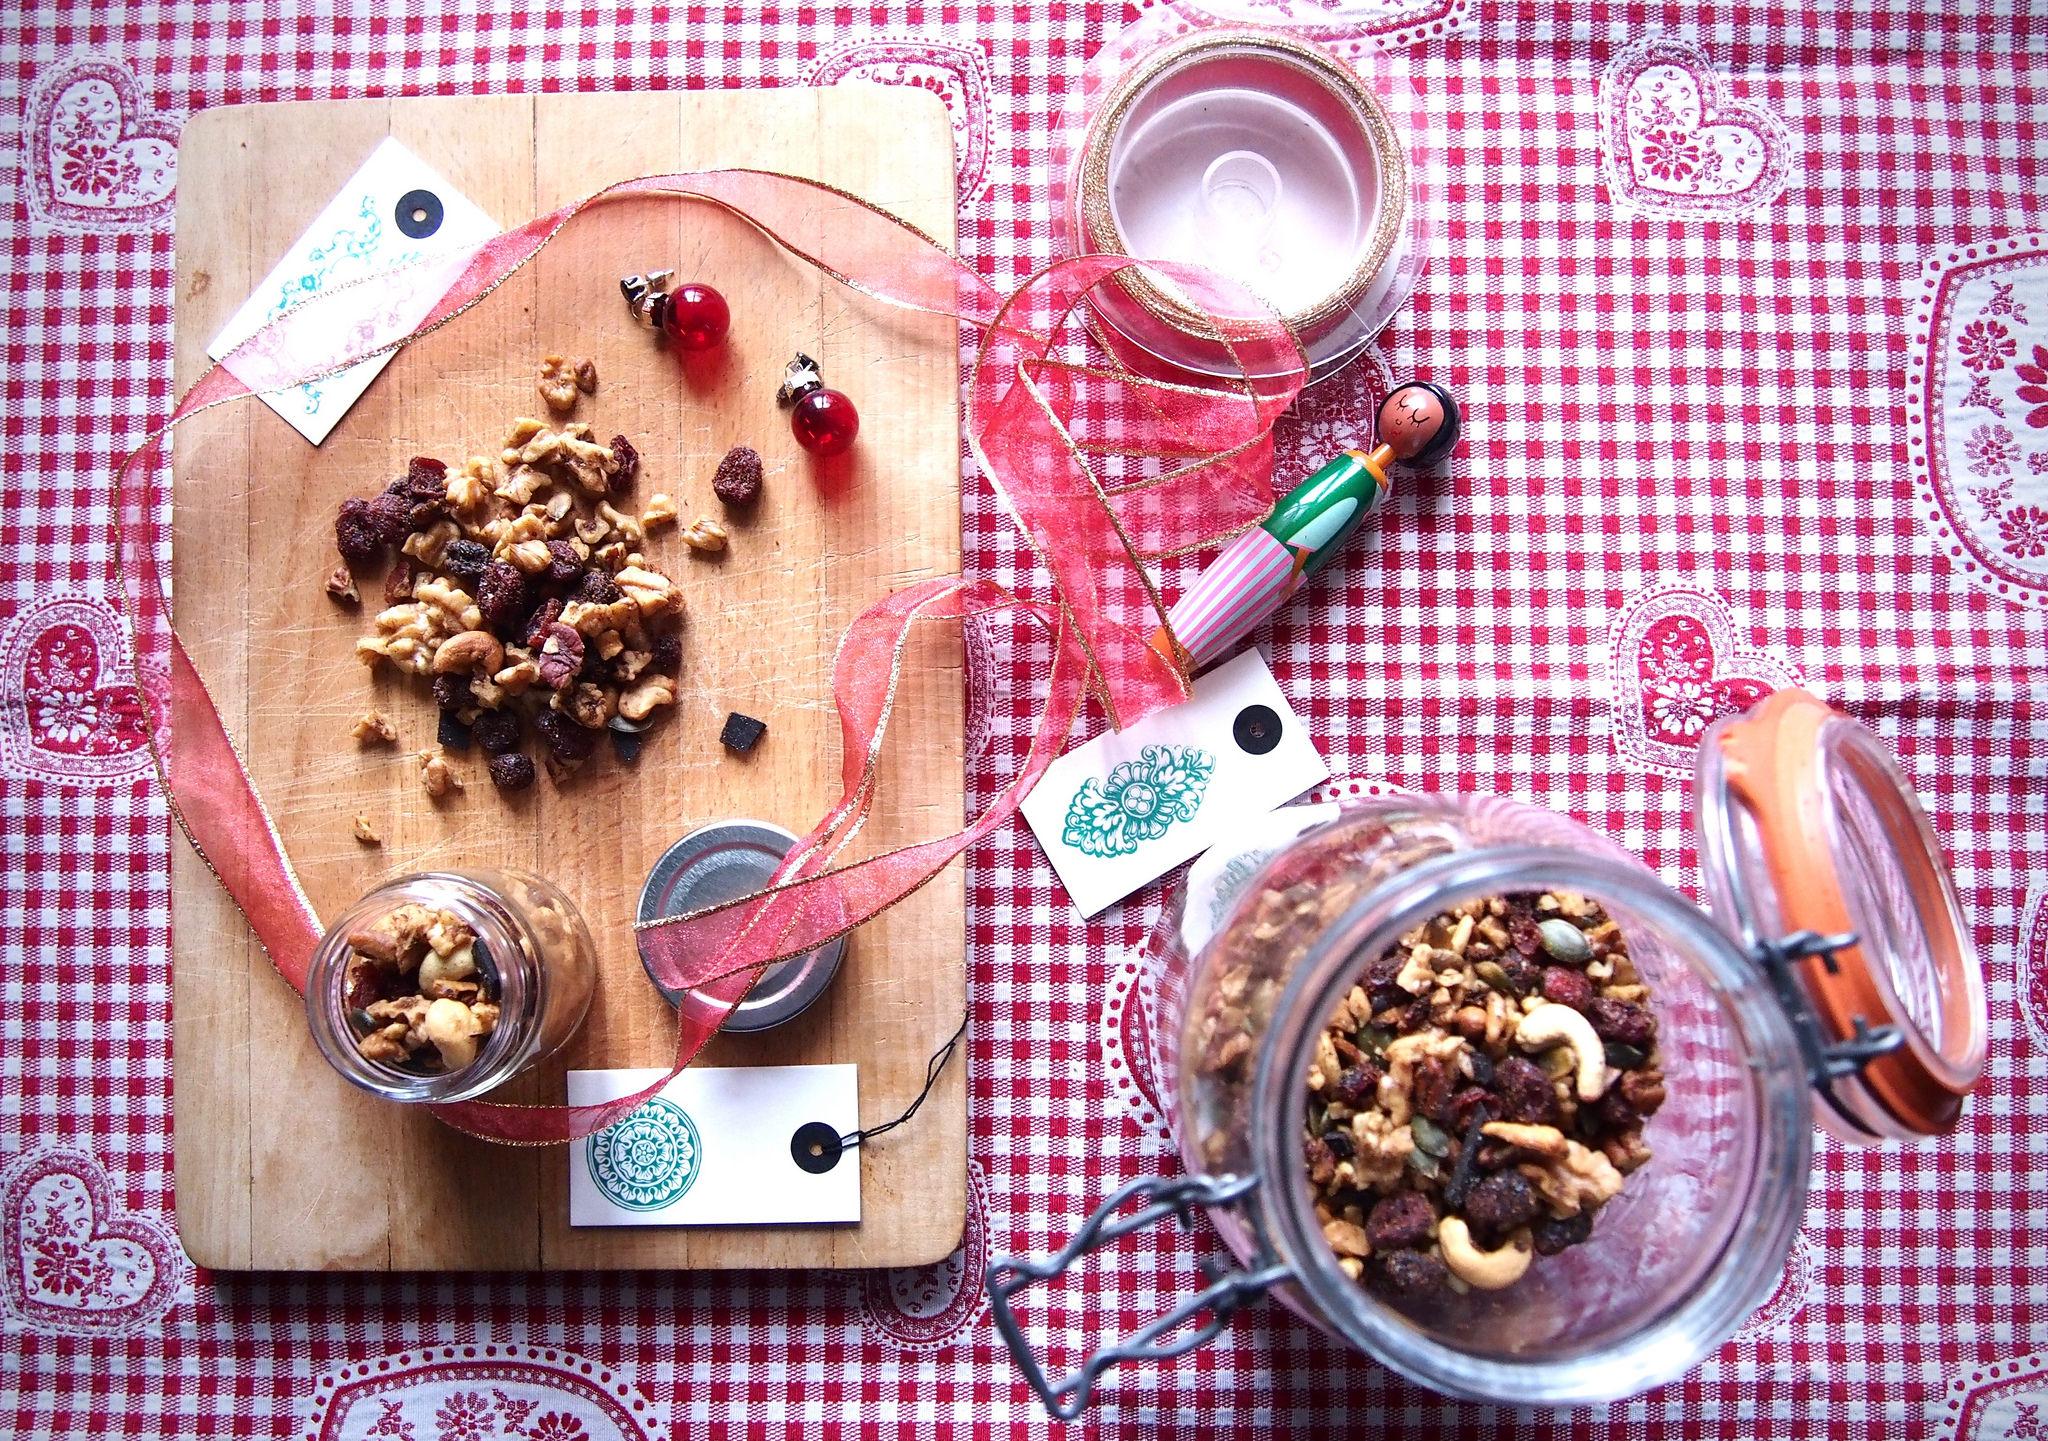 Conchiglioni liguori n 177 con vellutata di barbabietola e fondue di gorgonzola - Bagna cauda vegana ...